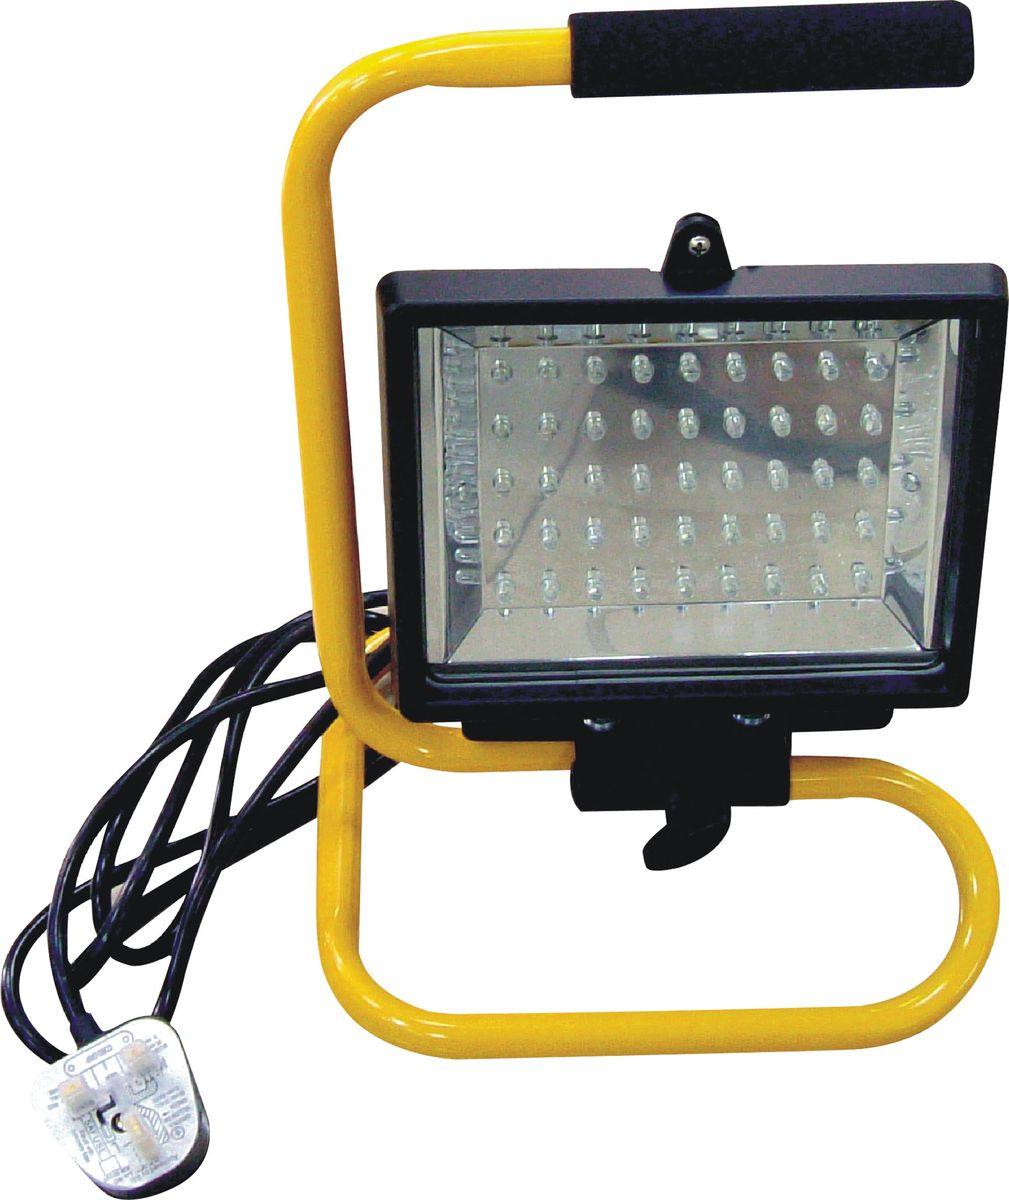 Лампа-прожектор гаражная Zipower, светодиодная. PM 4257PM 4257Лампа-прожектор Zipower предназначена для локального освещения в гаражах, на парковках, в складских помещения, ангарах, подъездах. Прожектор обеспечивает мощный световой поток, позволяет экономить электроэнергию благодаря использованию 45 современных светодиодов. Изделие устойчиво к перепадам напряжения и может храниться при температуре от –40°С до +50°C. Надежный и устойчивый корпус оснащен рукояткой для переноса. Количество светодиодов: 45. Длина электрического кабеля: 1,8 м